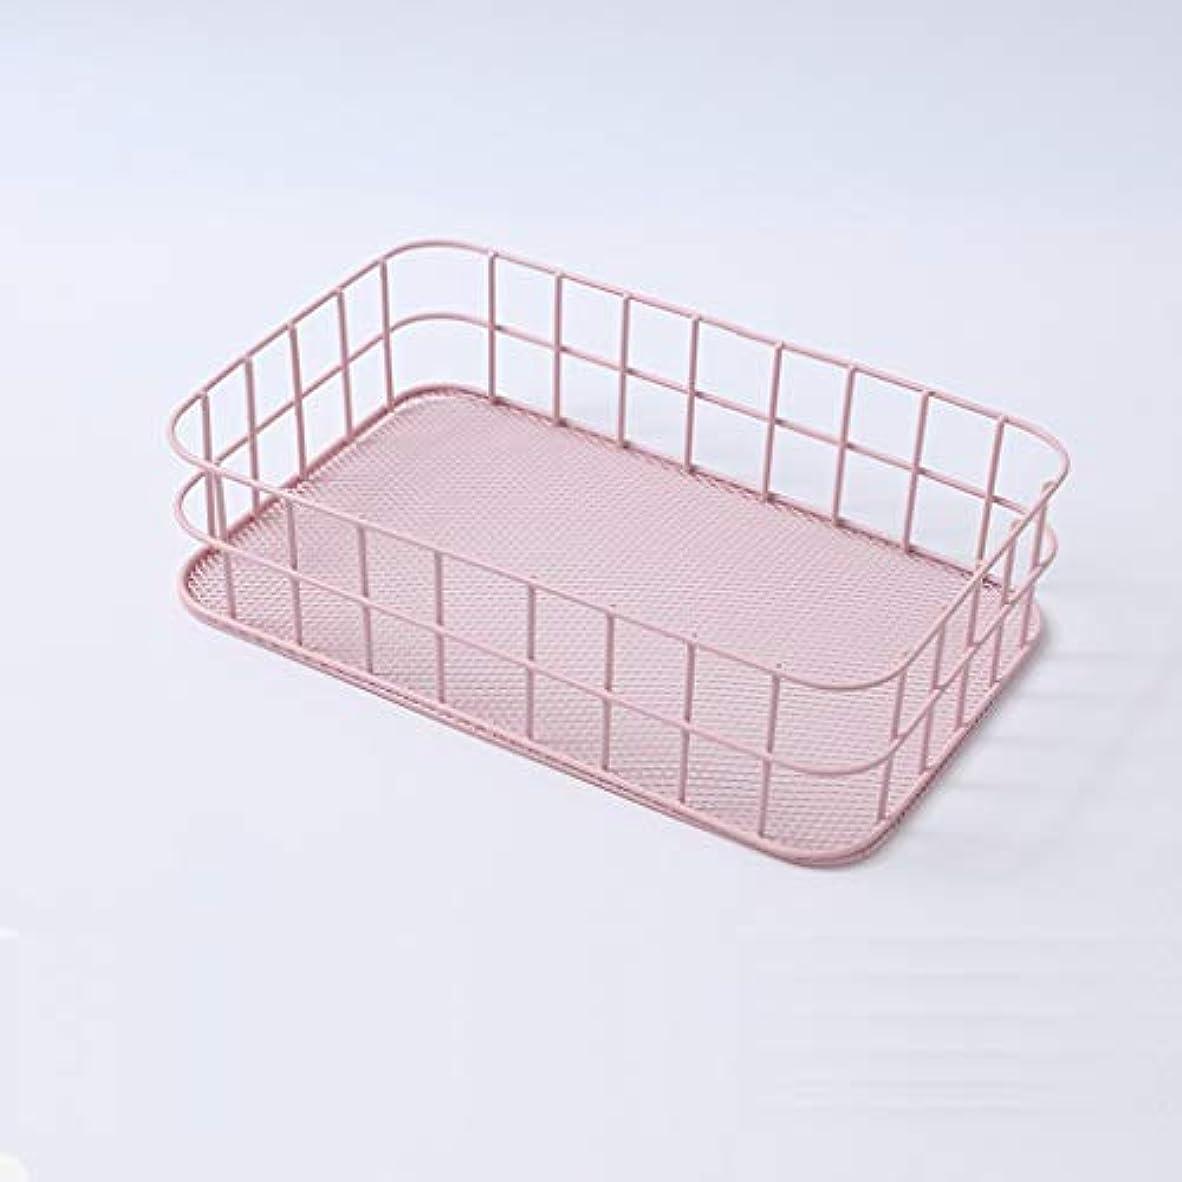 天井絶対に夏SMMRB 錬鉄製の収納バスケットスナックデブリ収納ボックス、デスクトップ収納コンパートメント、6色オプション (色 : Pink)